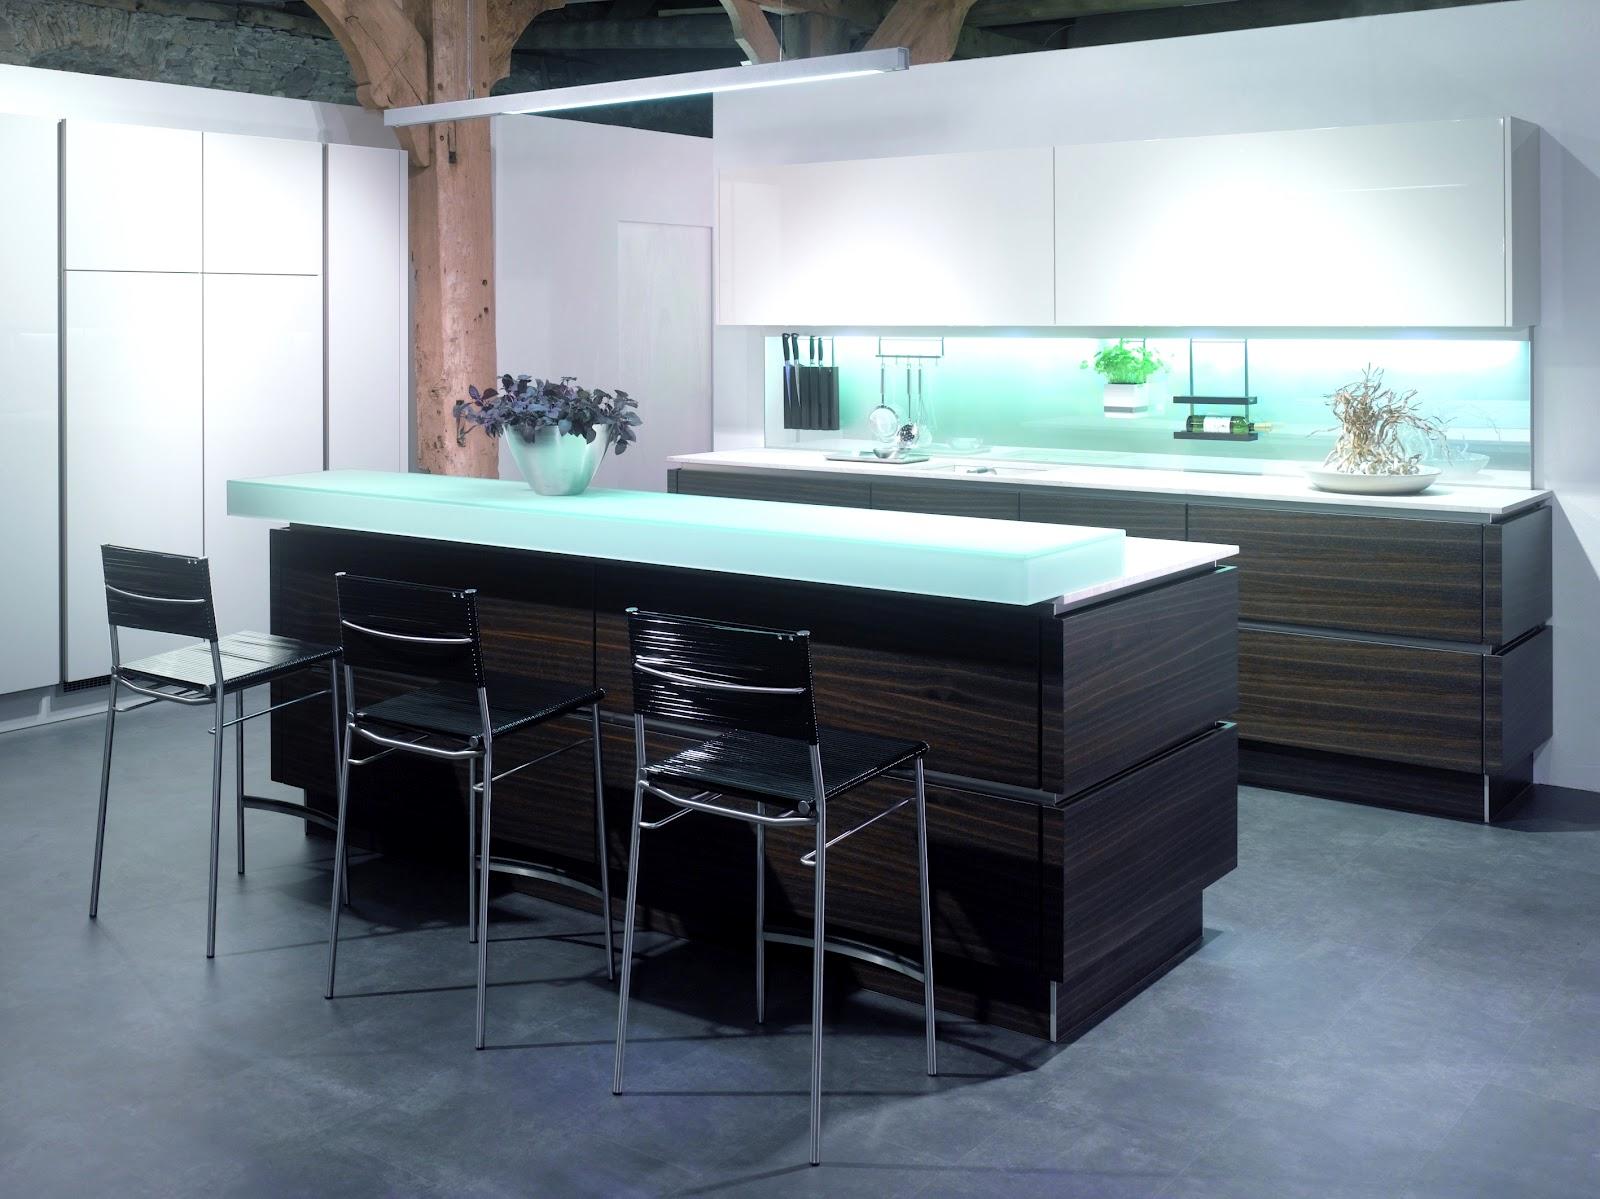 Lucas Designer de Interiores: Referências Projetos de Cozinha #497482 1600 1199